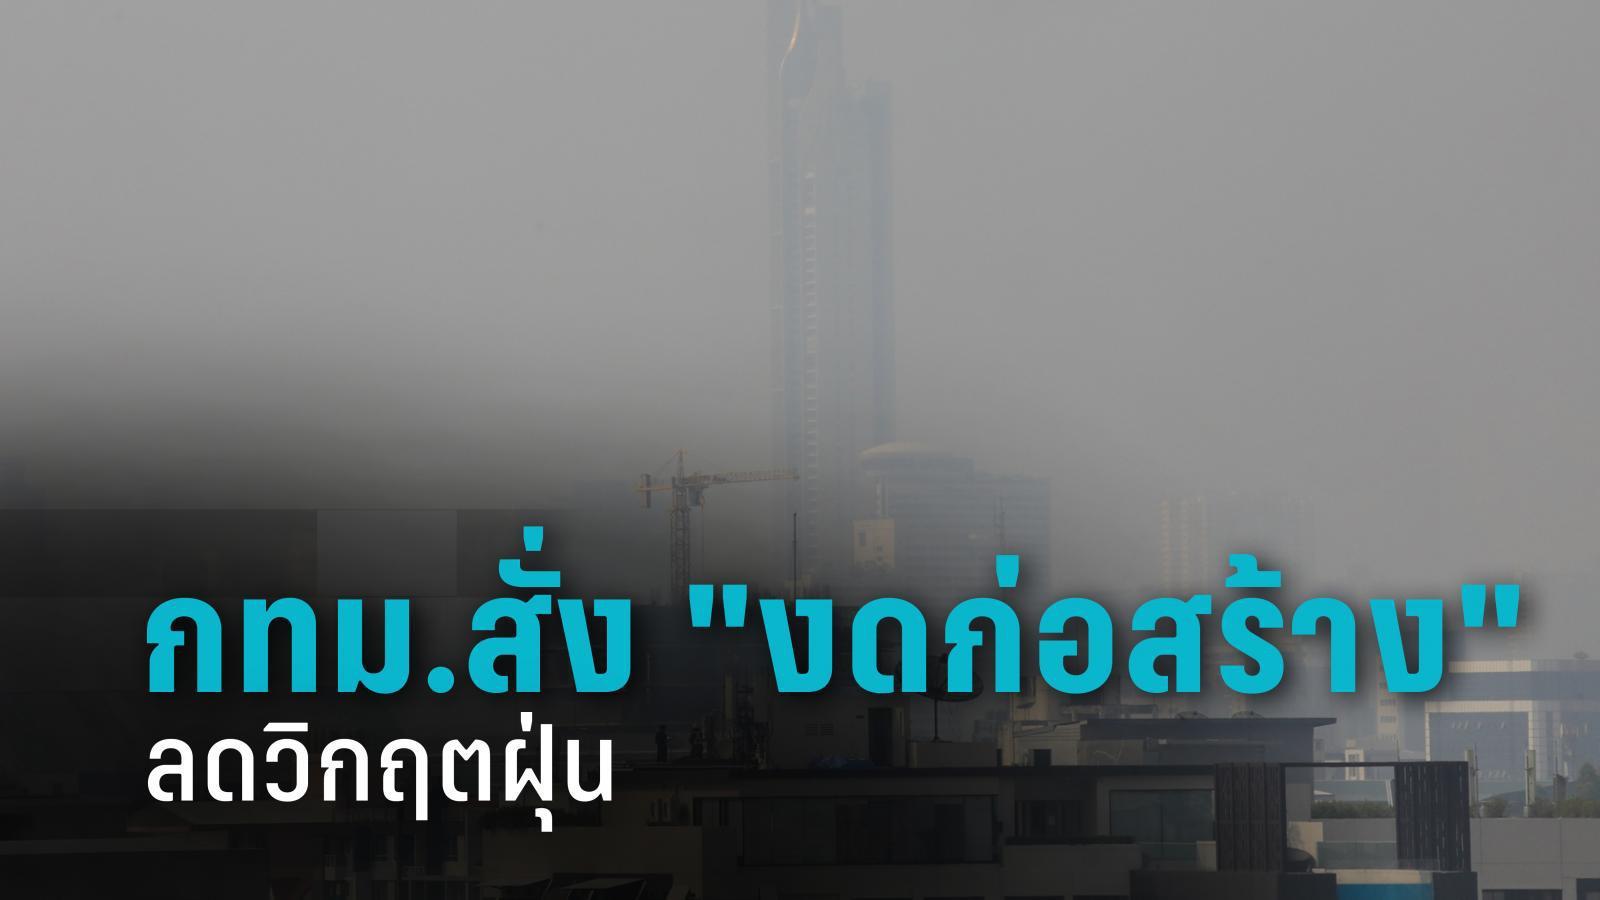 ด่วน!! กทม. สั่งงดก่อสร้าง ห้ามเผา ปิดโรงเรียน แก้วิกฤตฝุ่น PM2.5